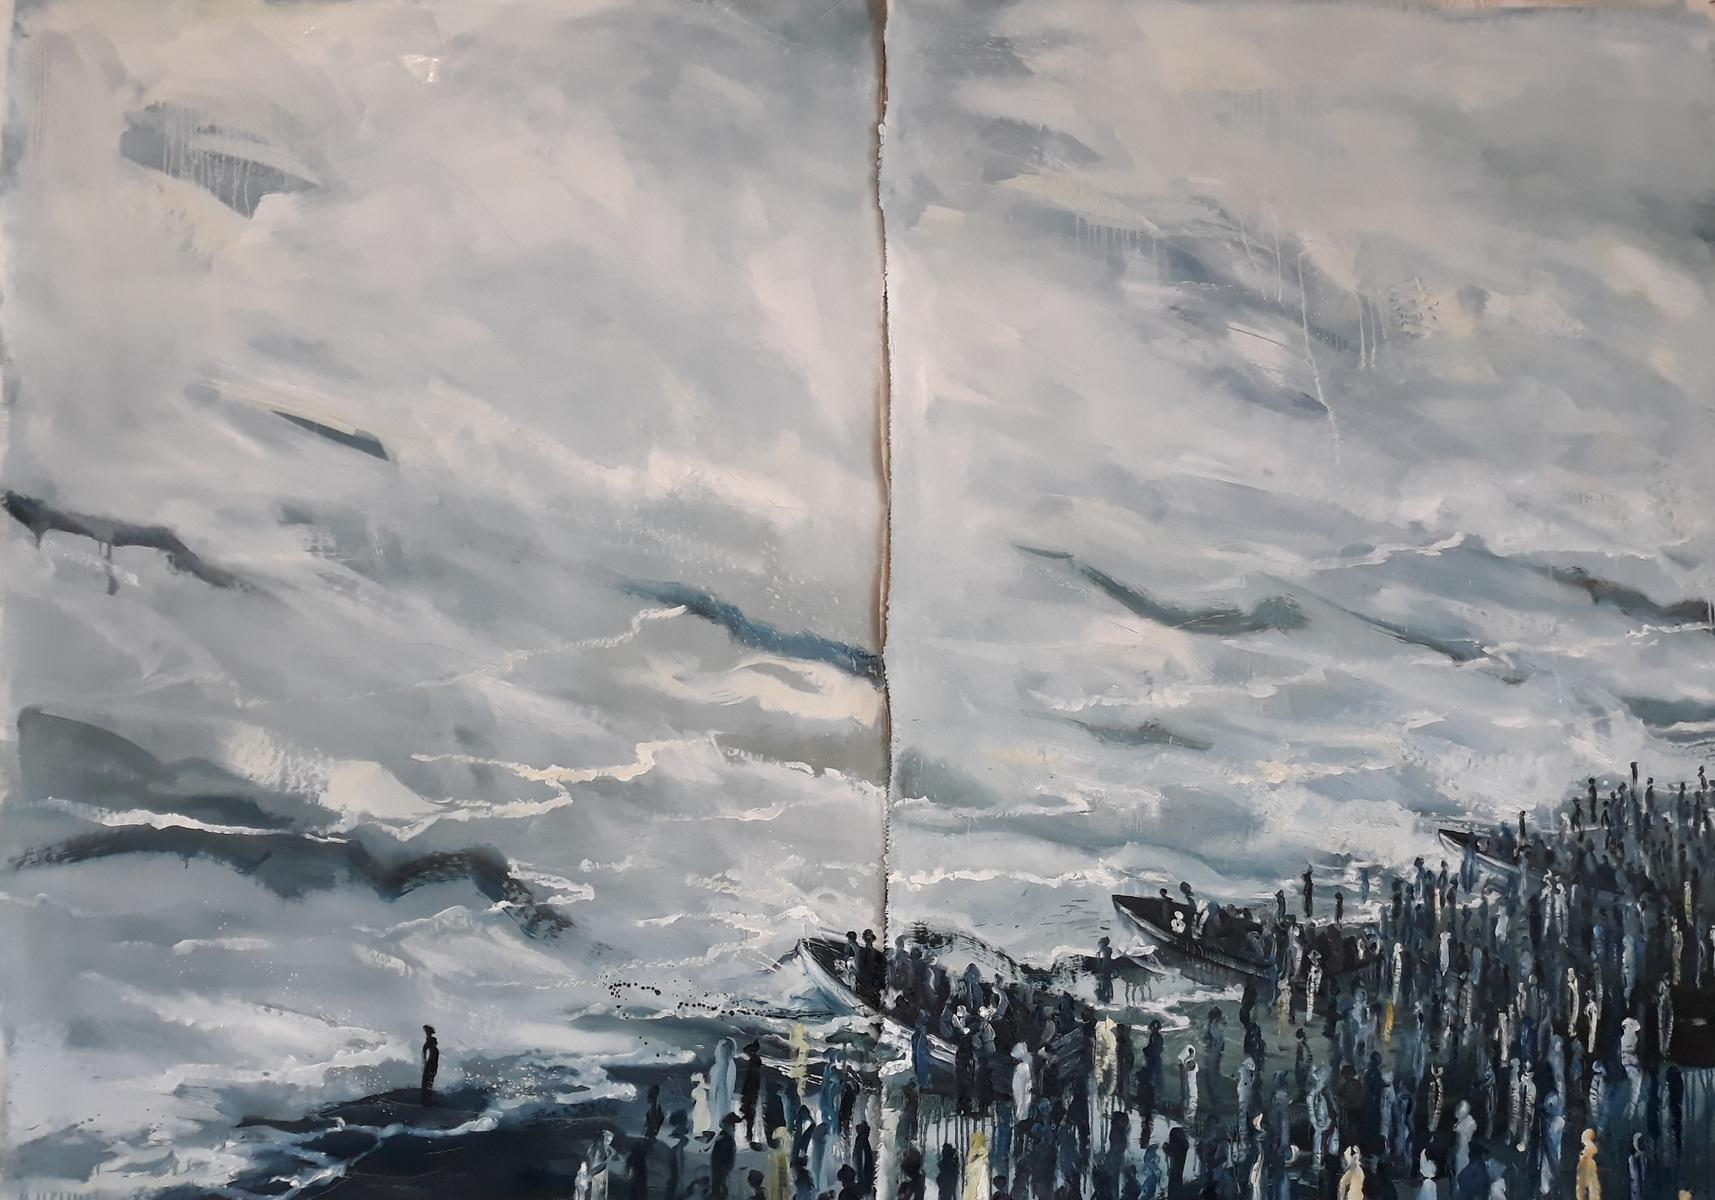 Martina Dalla Stella - Lumano viaggio olio su tela, 170x240 cm, 2019